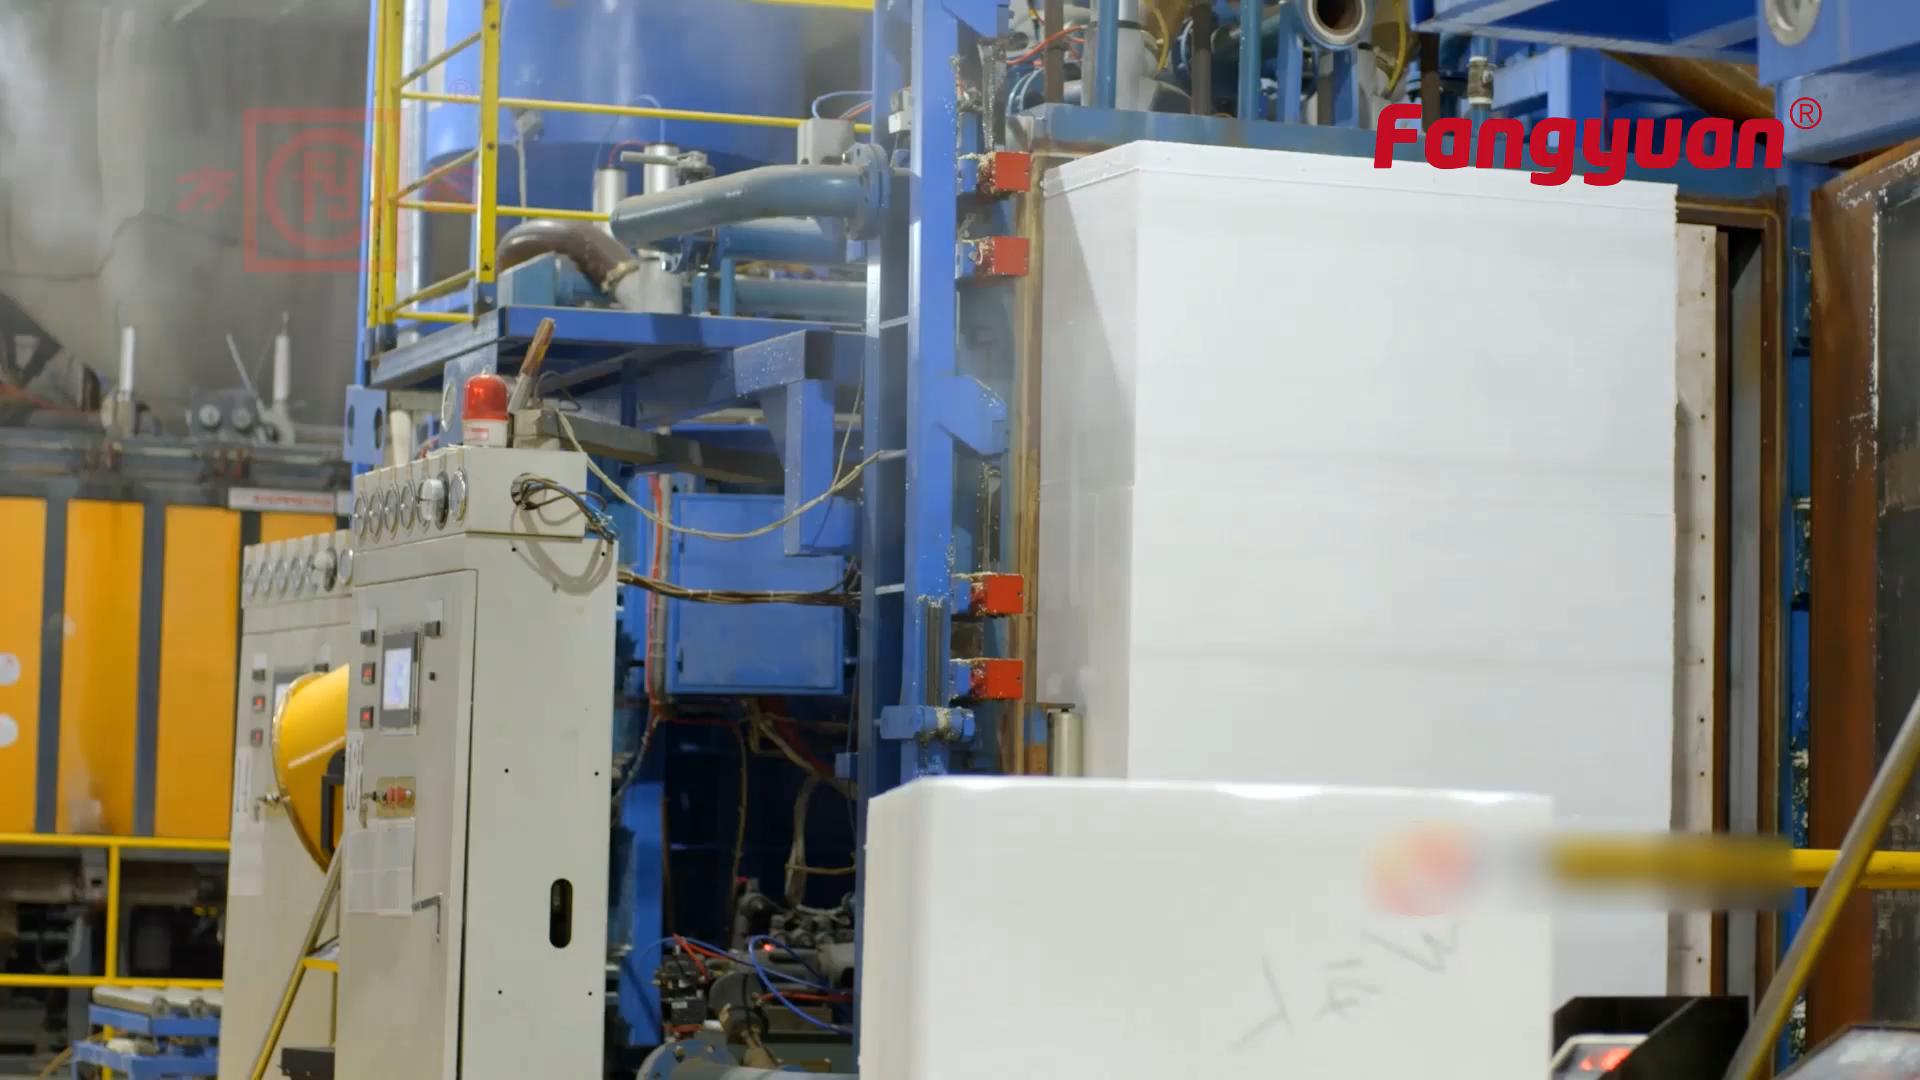 Machine de formage de panneaux muraux automatique Fangyuan machine de panneaux muraux eps